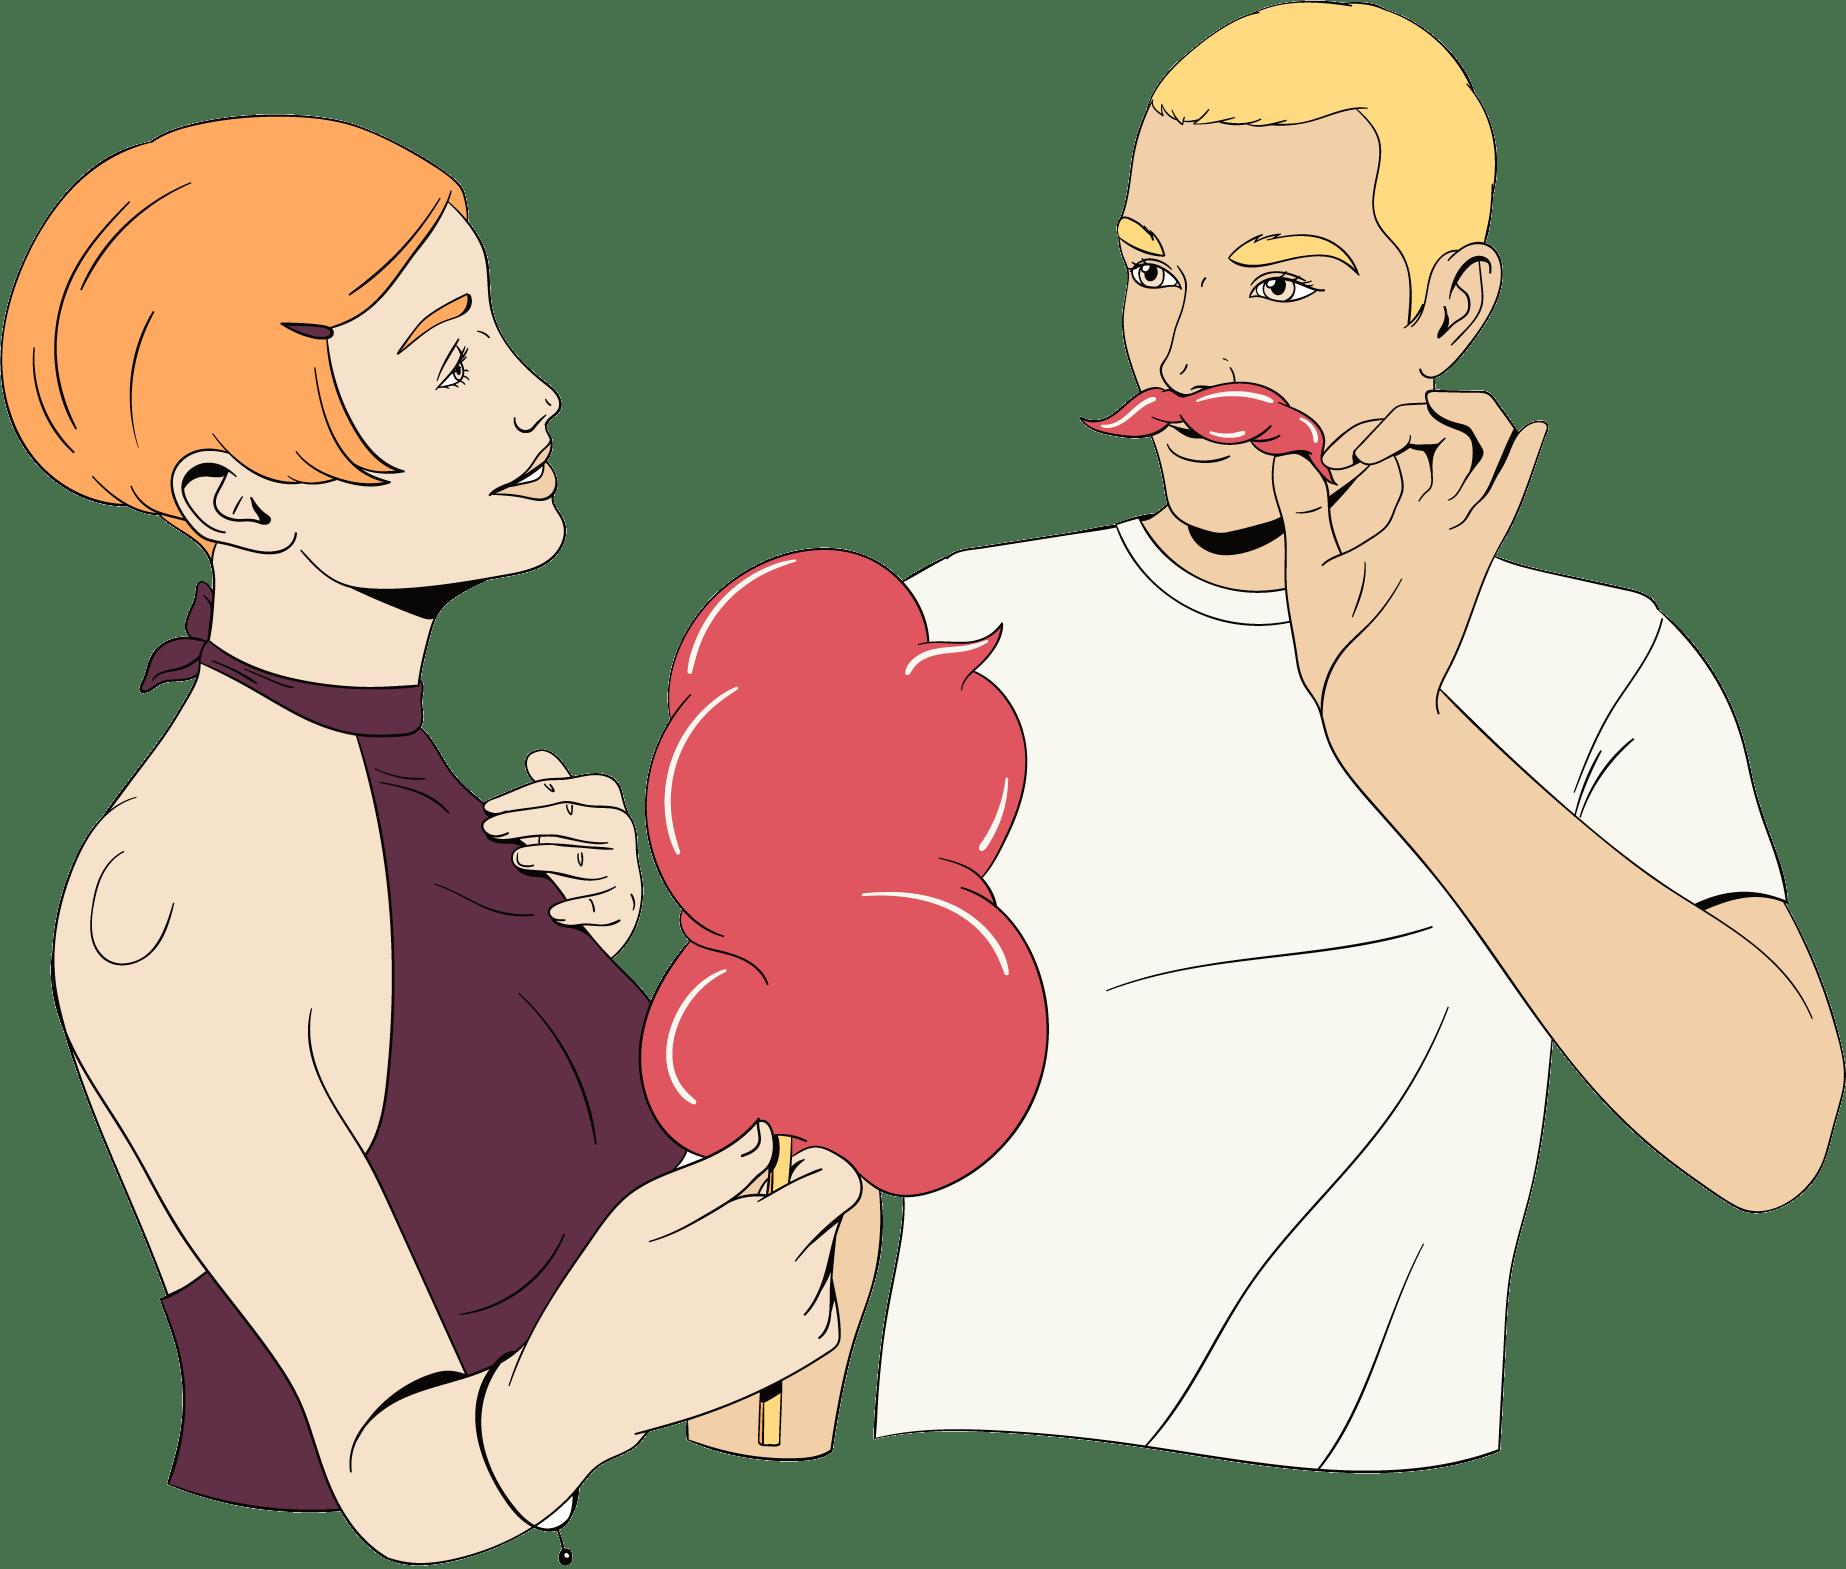 Een man en vrouw hebben een leuke date samen.